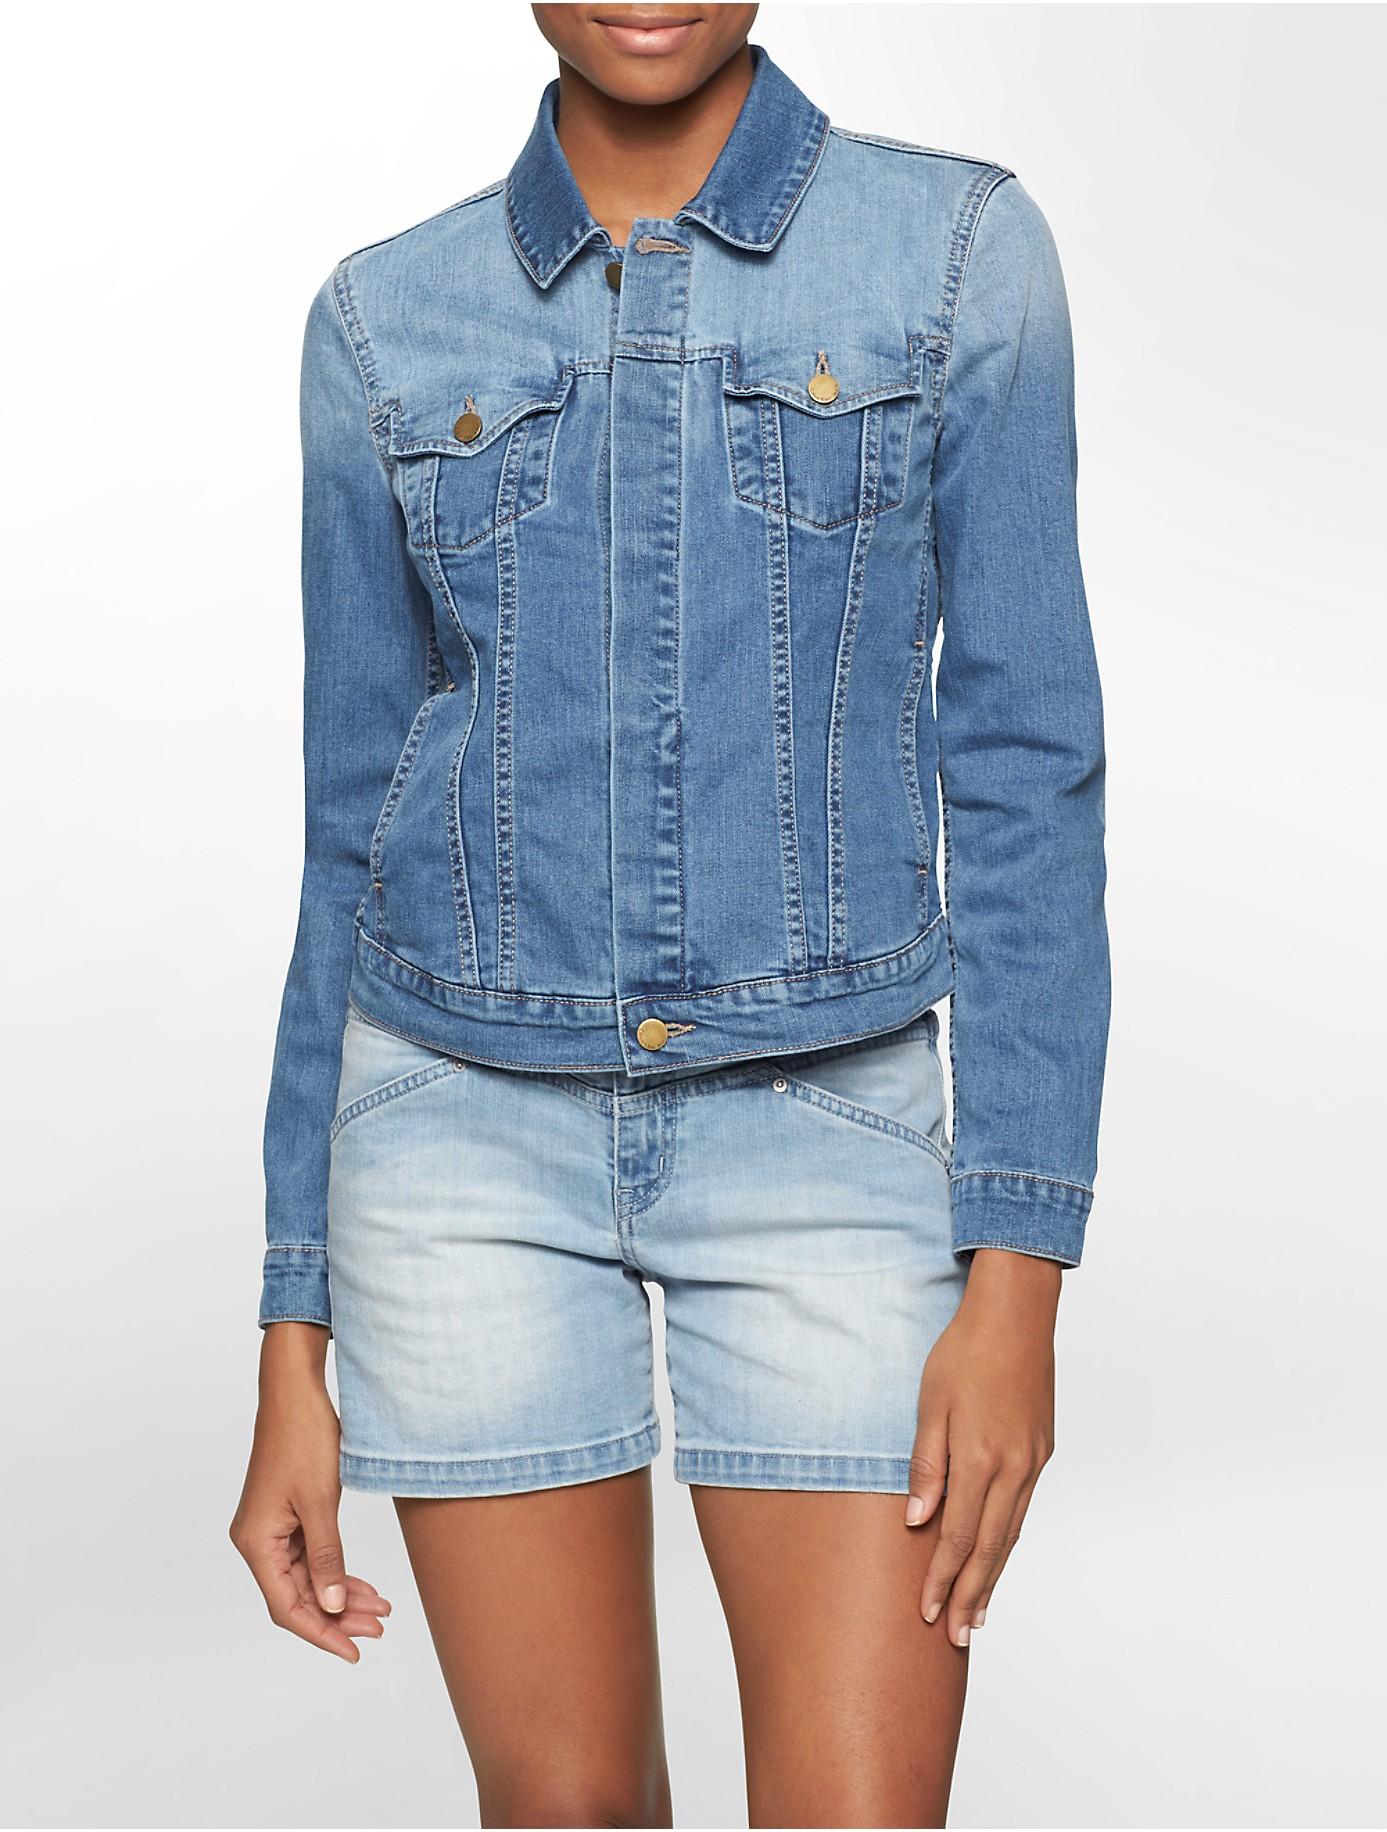 Lyst - Calvin Klein Jeans Light Wash Denim Trucker Jacket in Blue